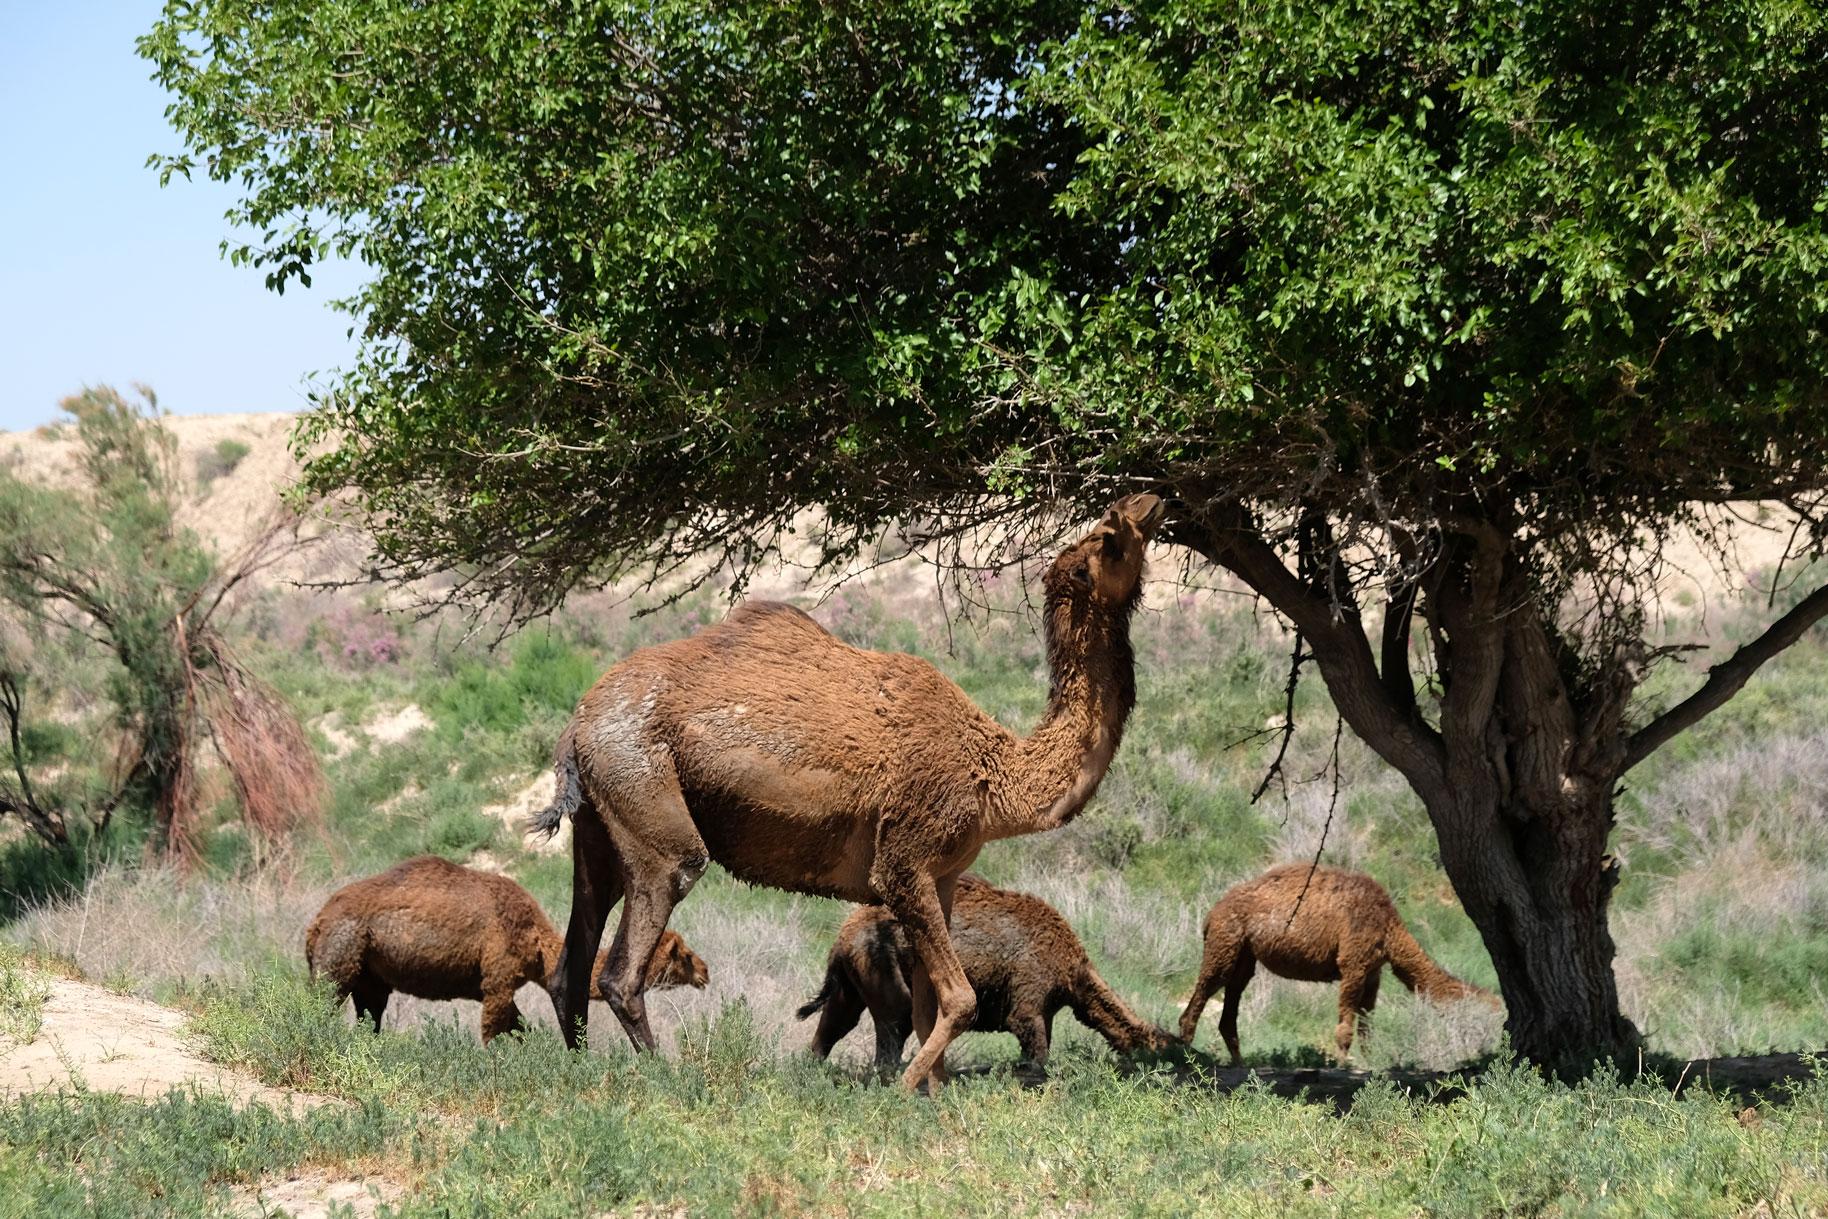 Kamele fressen Gras und Blätter von einem Baum